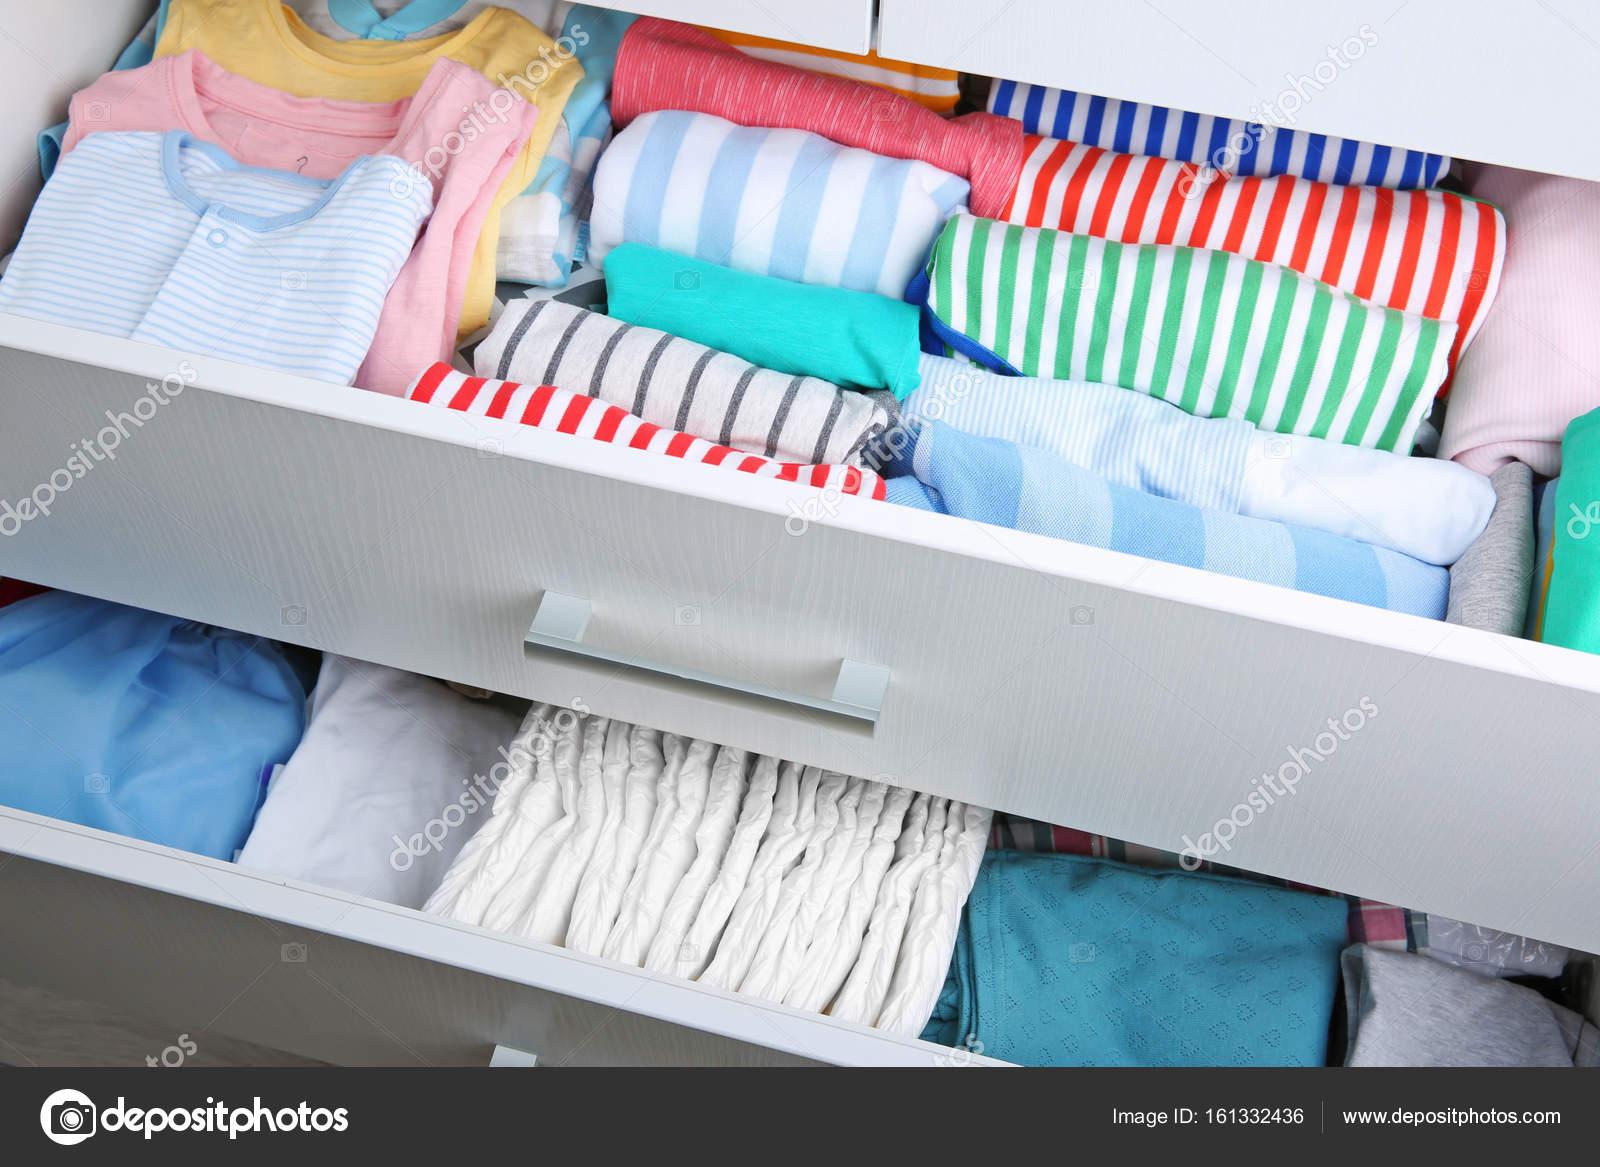 Entzückend Kommode Kleidung Foto Von Mit — Stockfoto